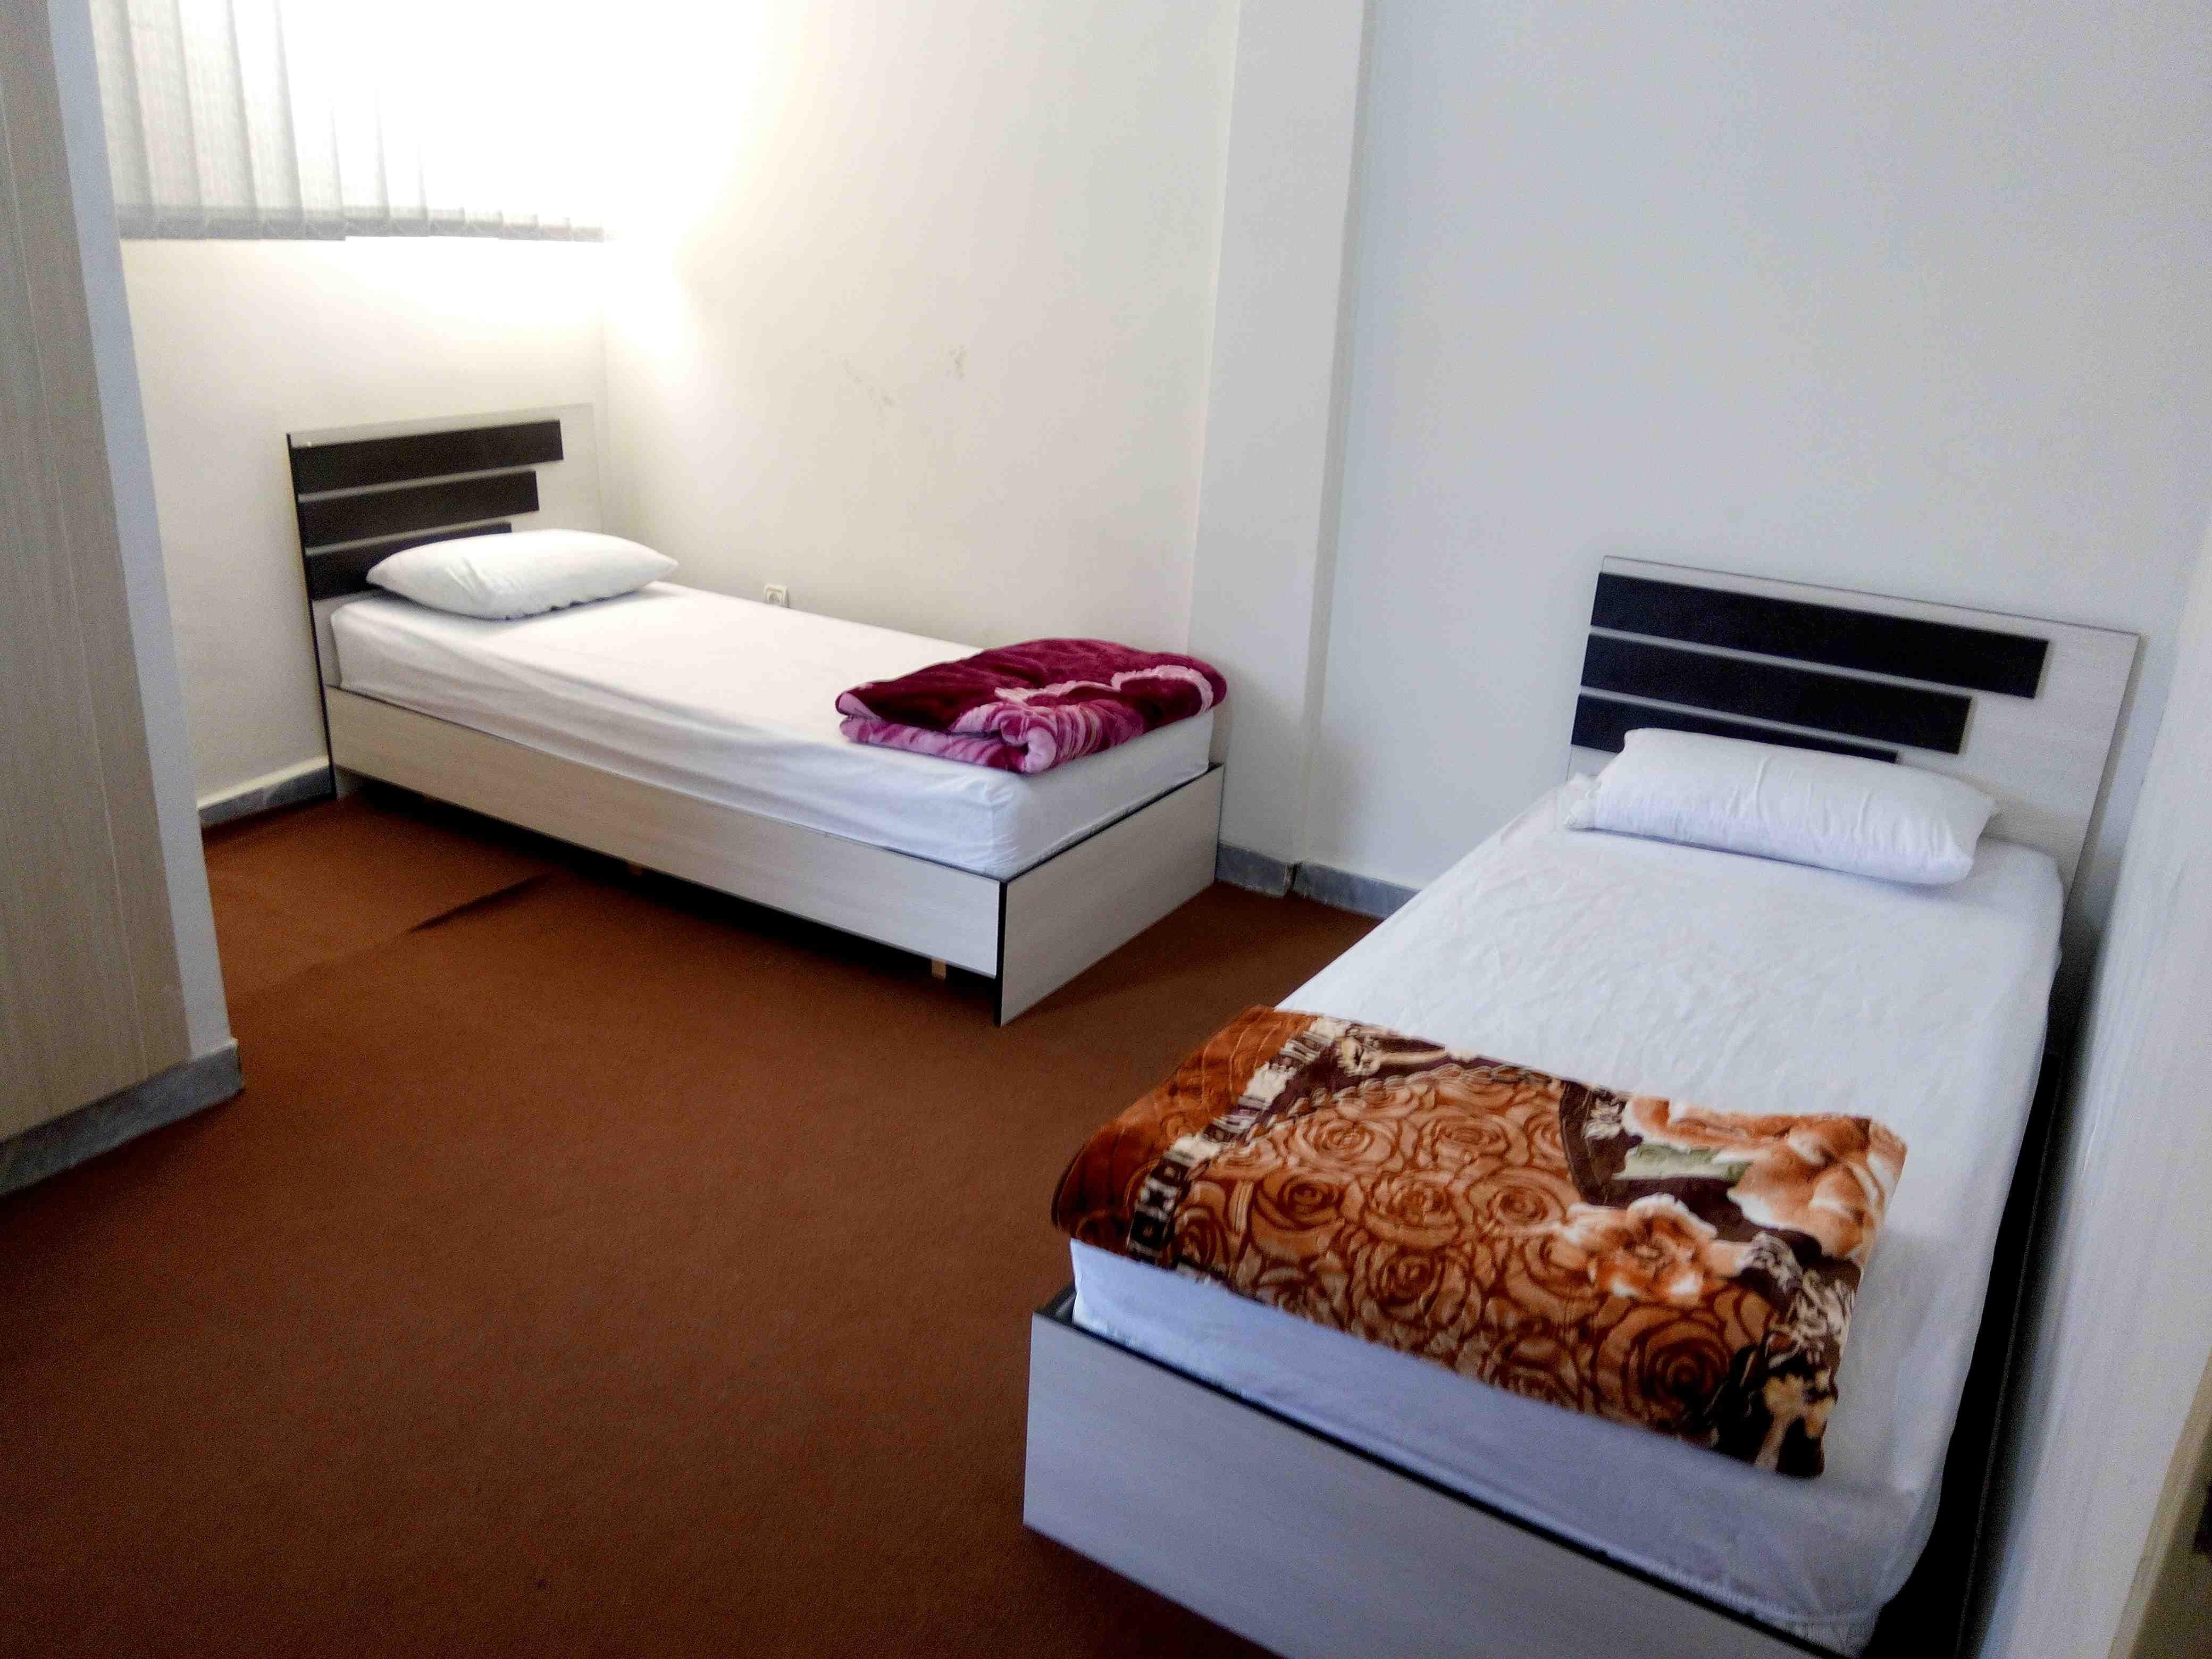 درون شهری سوییت آپارتمان دو خواب شماره 2